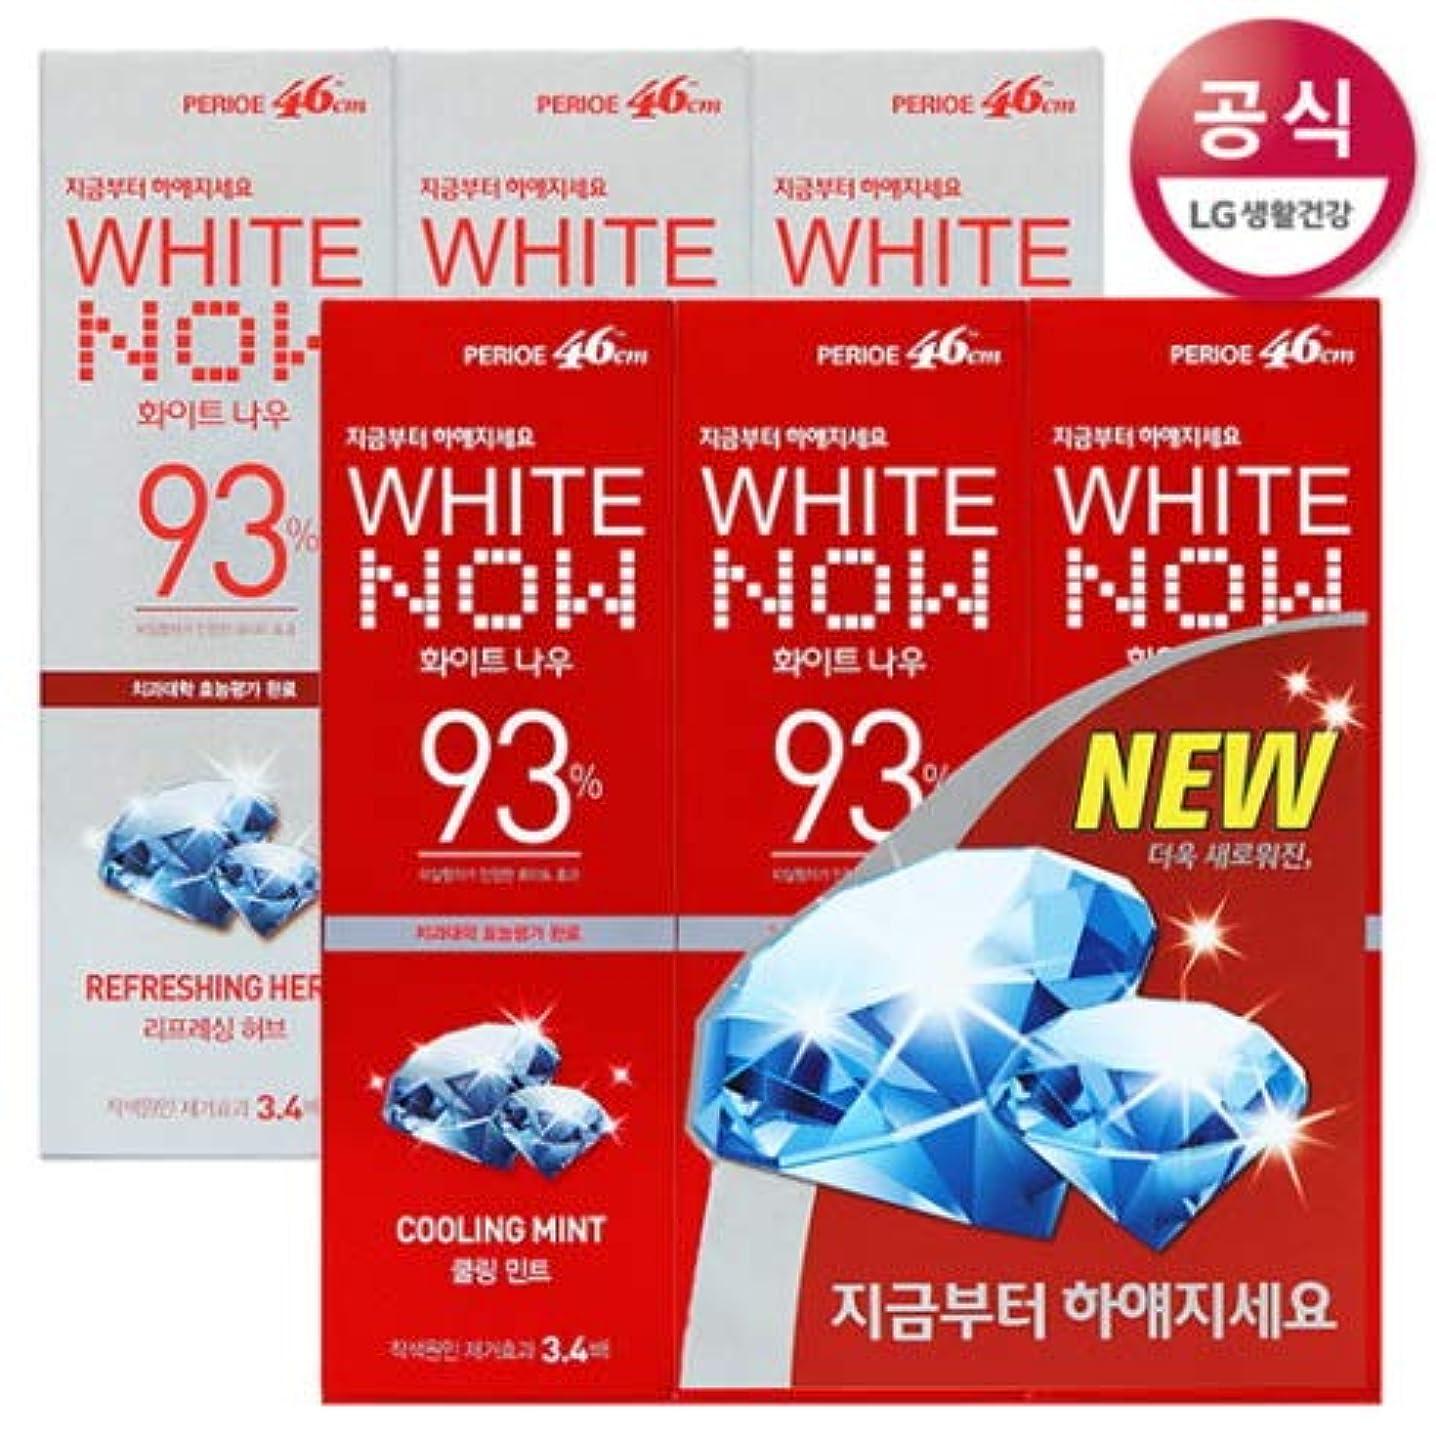 フレア病んでいる物思いにふける[LG HnB] Perio White Nau Toothpaste/ペリオホワイトナウ歯磨き粉 100gx6個(海外直送品)